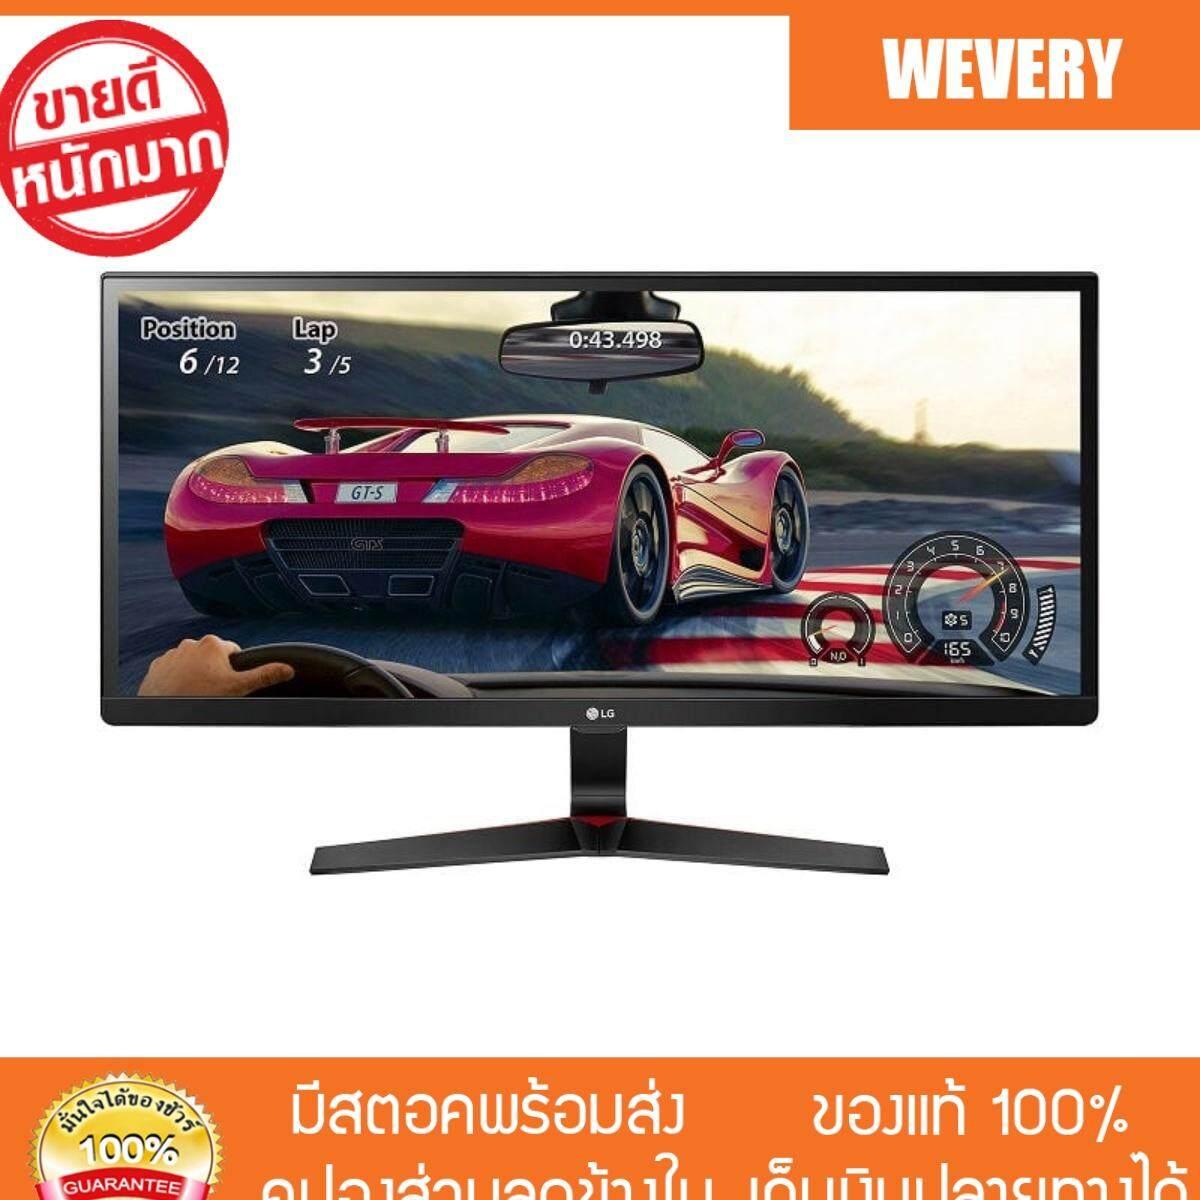 สุดยอดสินค้า!! [Wevery] LG monitor 29